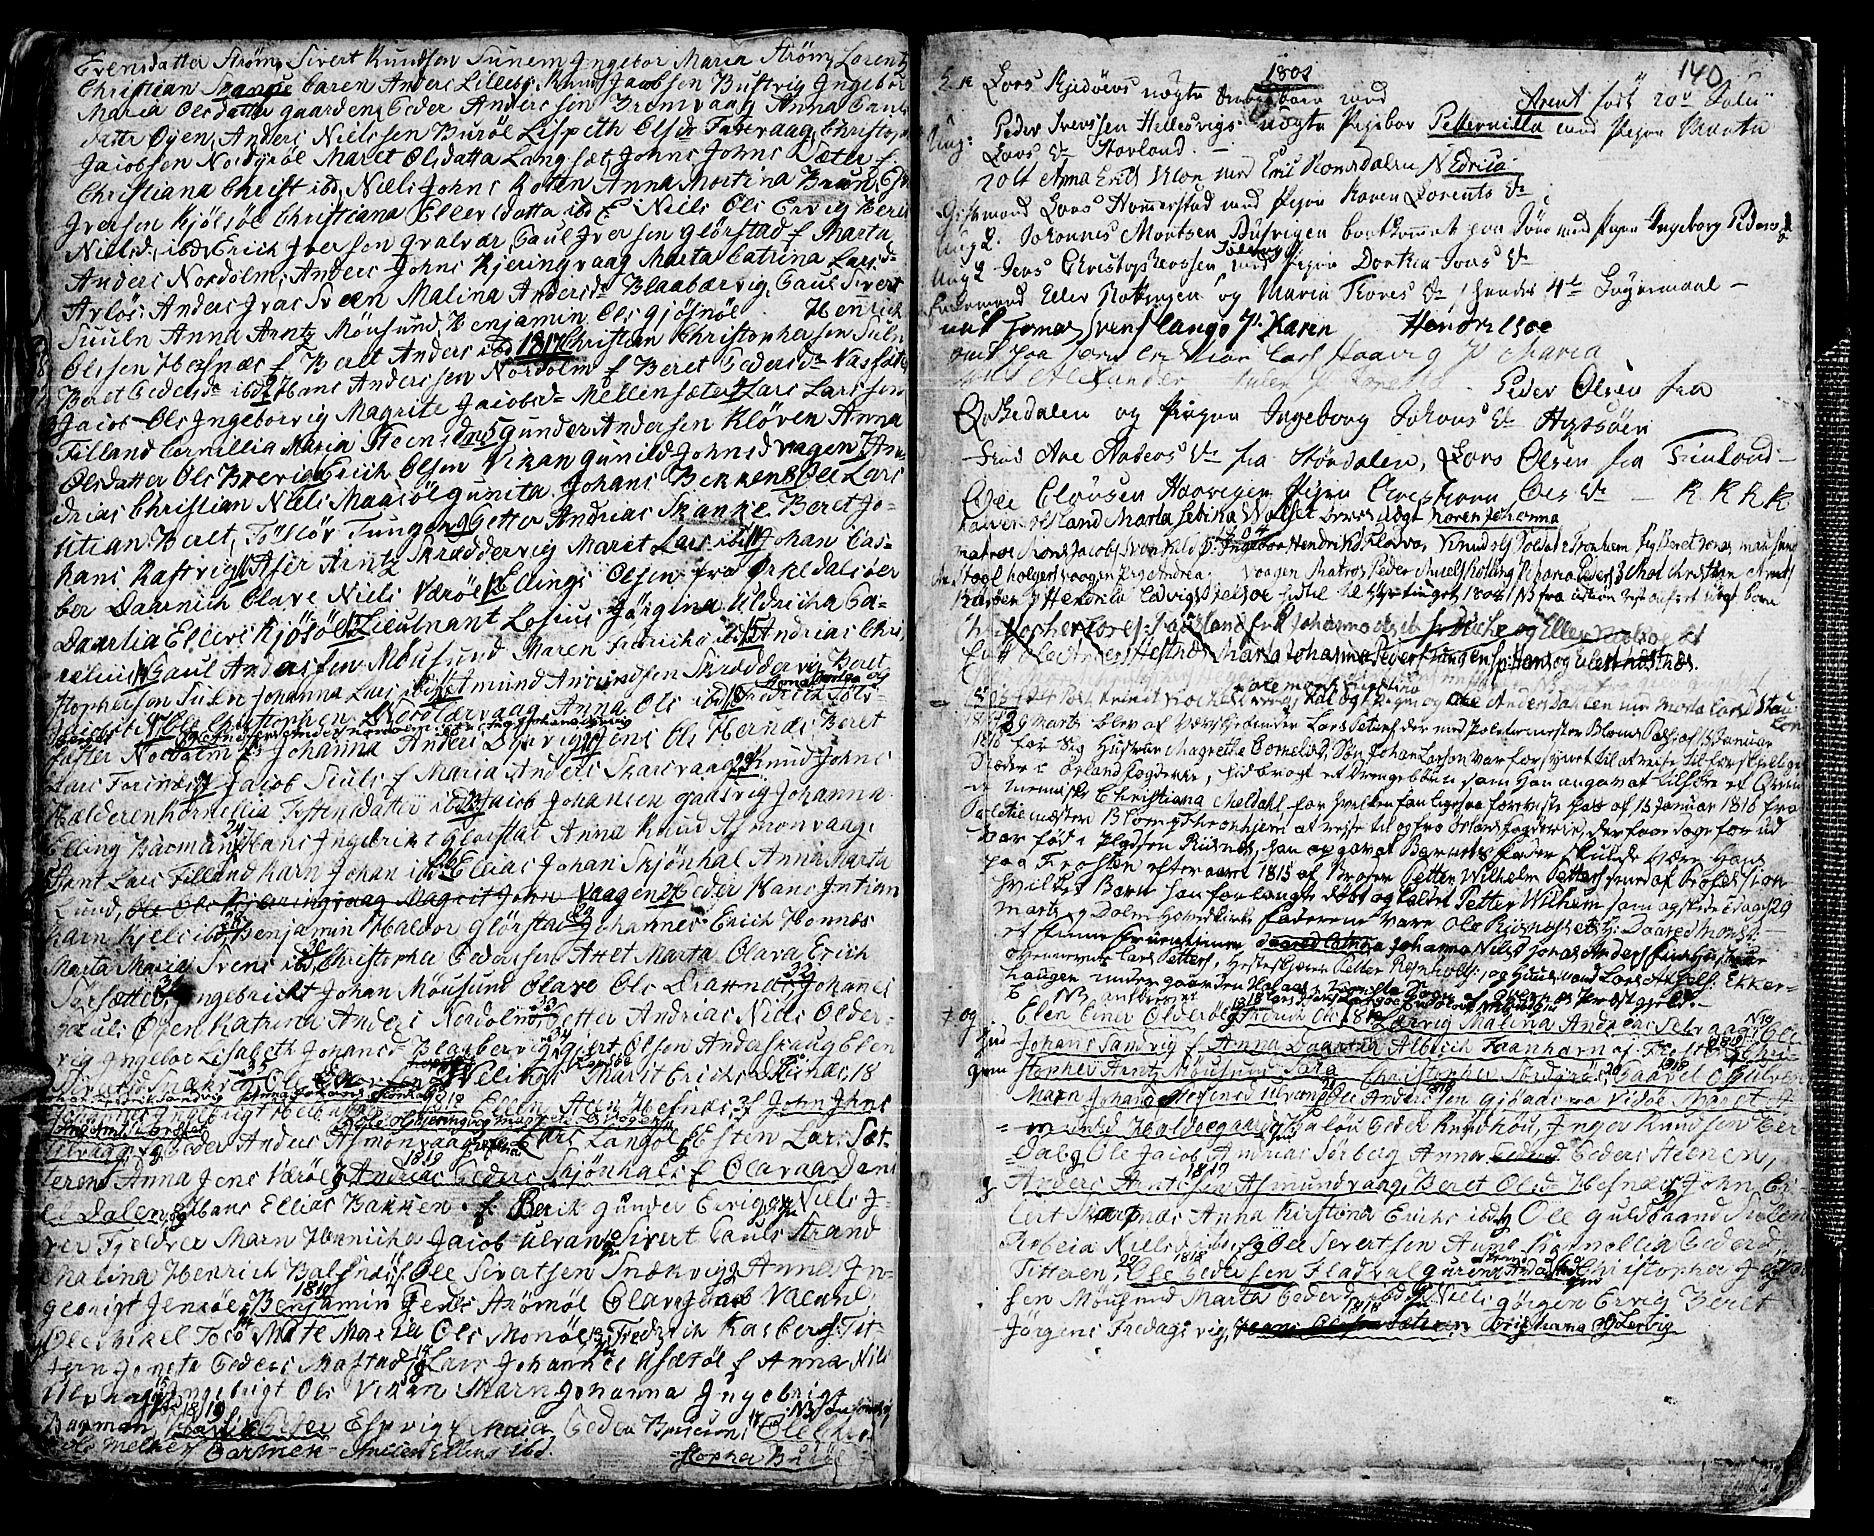 SAT, Ministerialprotokoller, klokkerbøker og fødselsregistre - Sør-Trøndelag, 634/L0526: Ministerialbok nr. 634A02, 1775-1818, s. 140